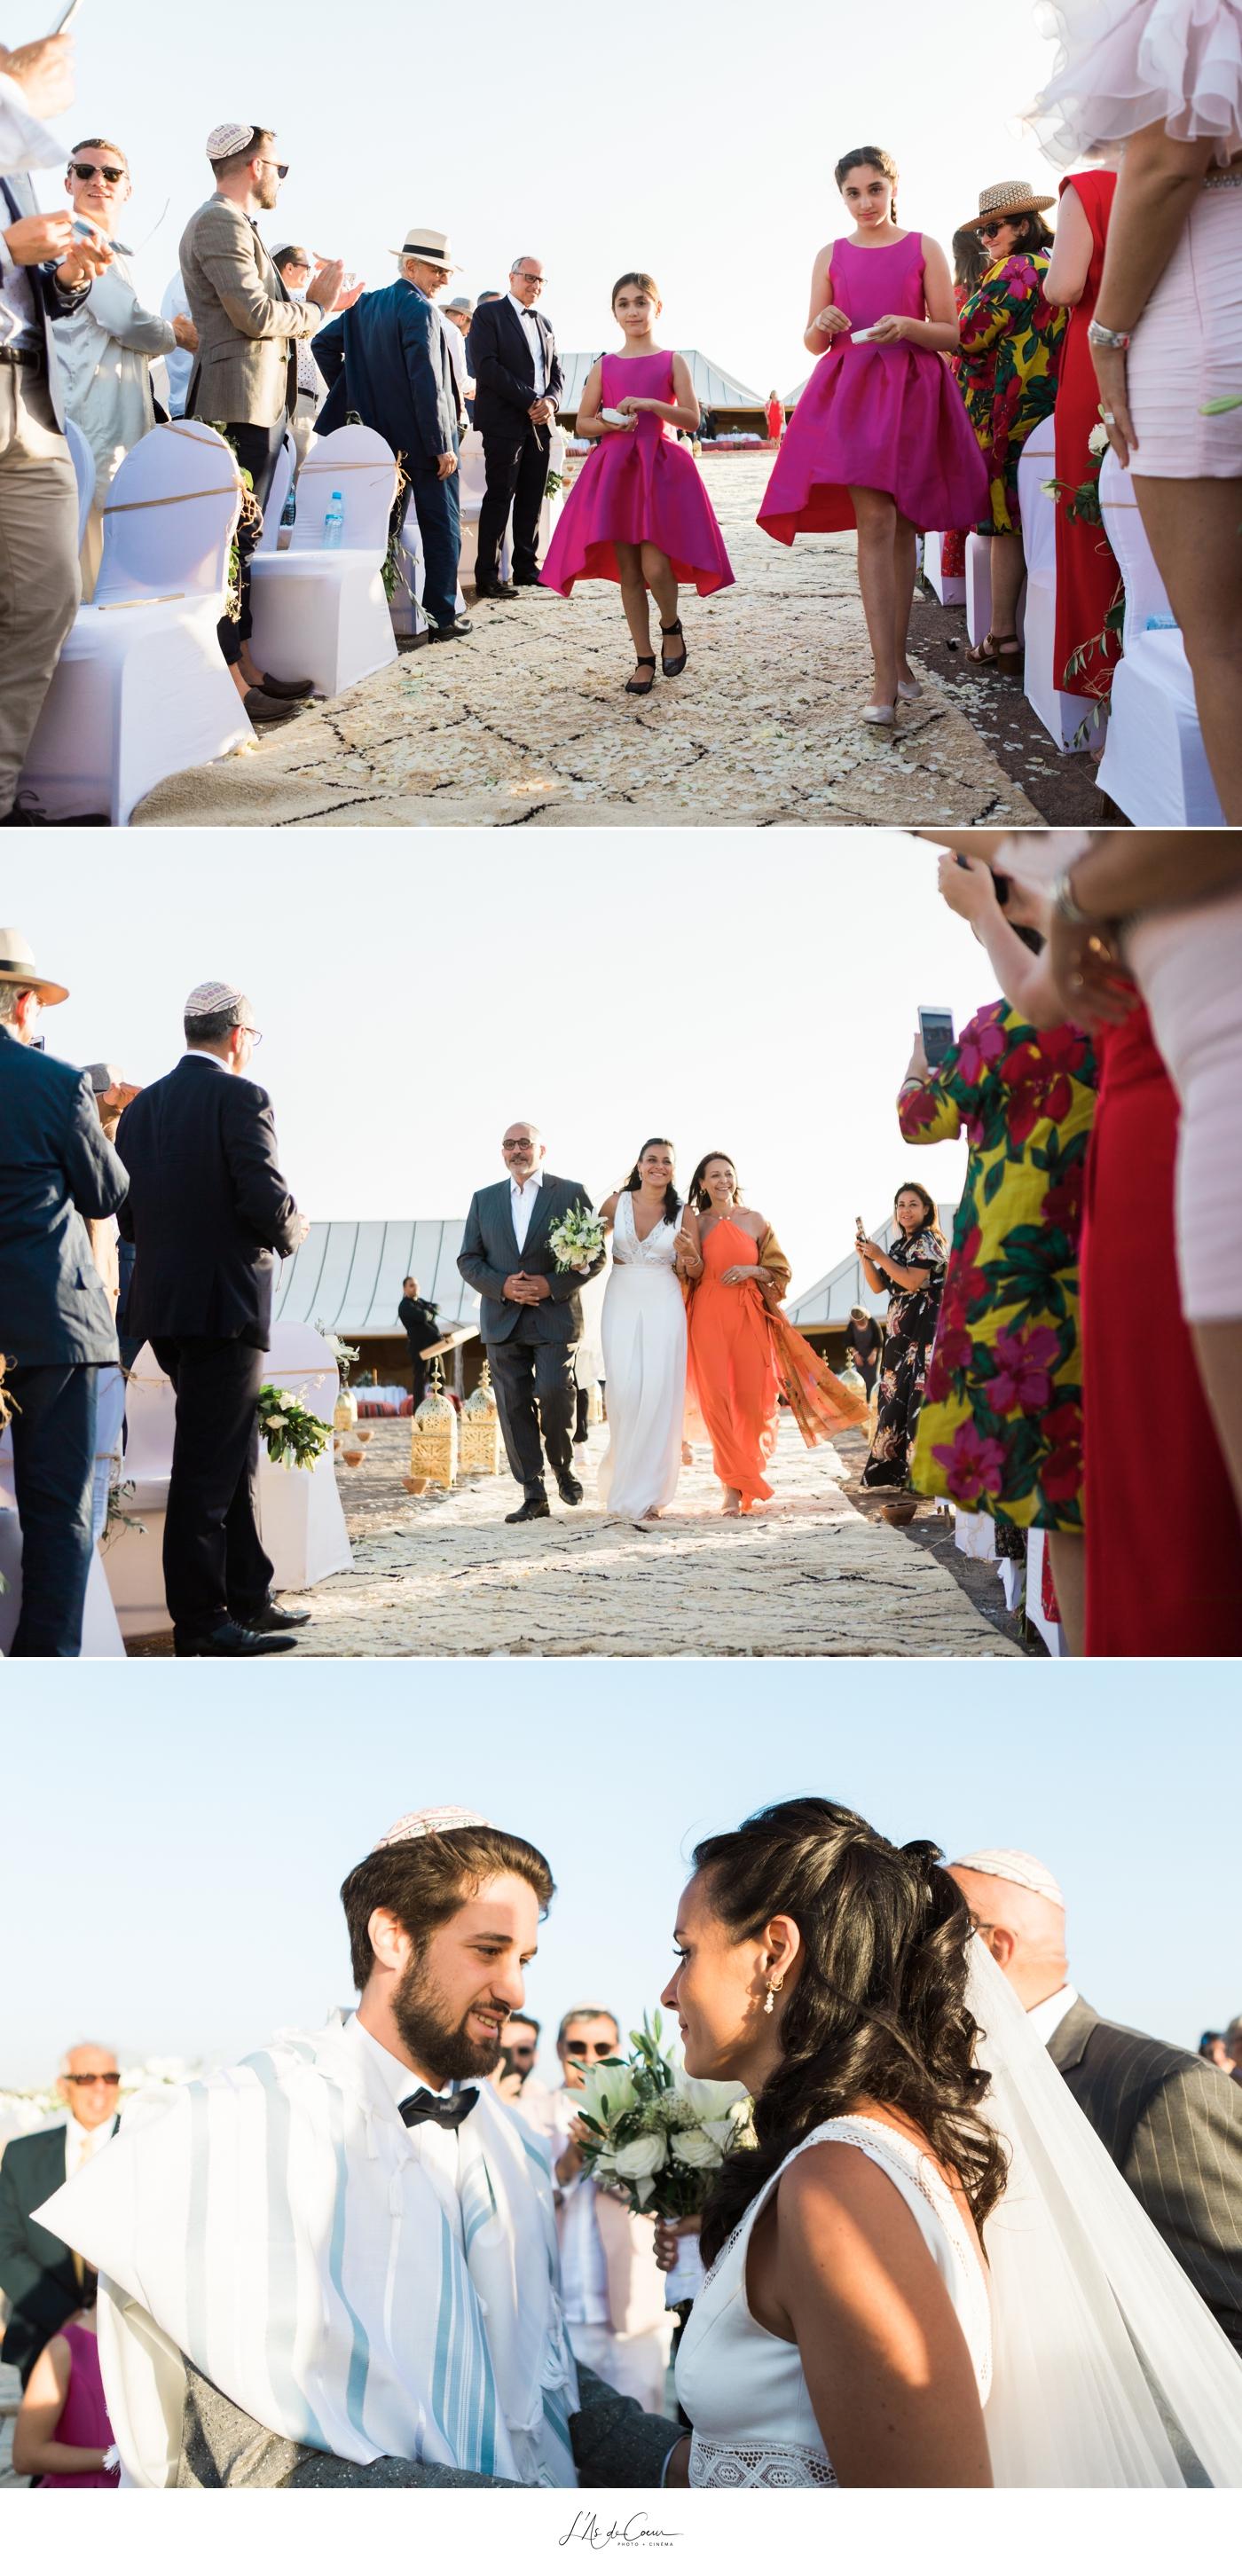 Cémonie mariage desert Maroc